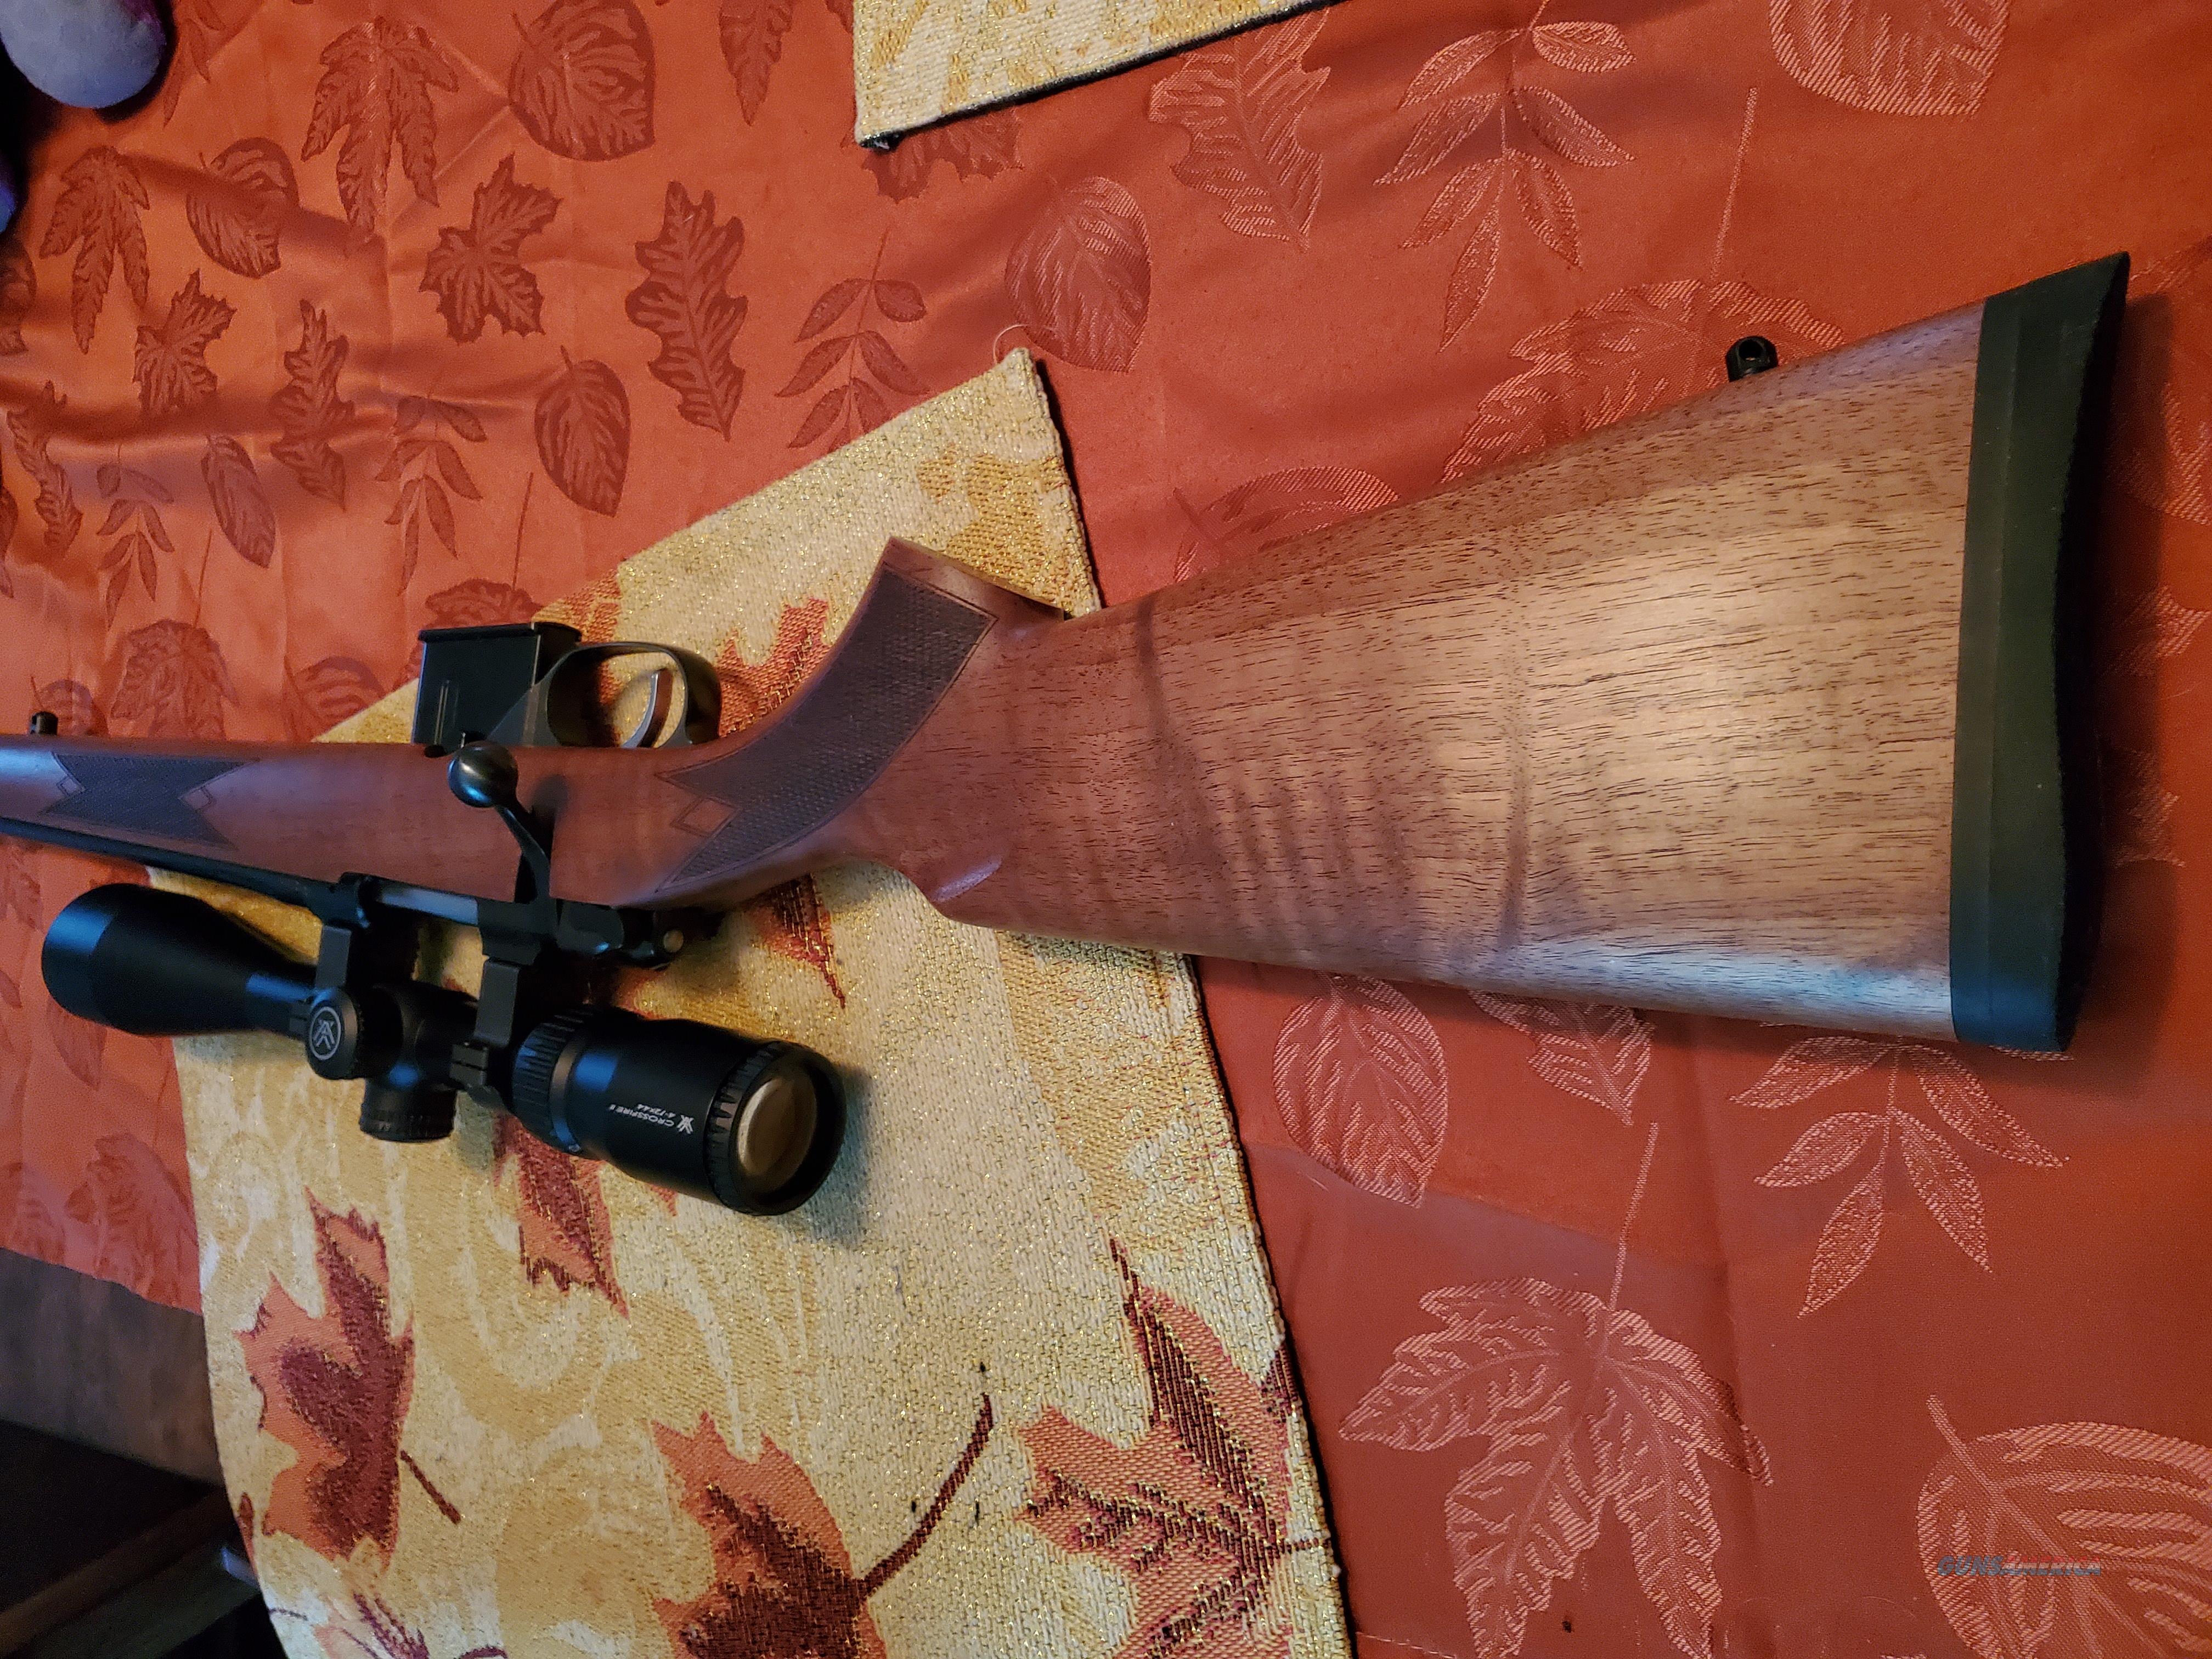 6.5 Grendel, CZ 527  Guns > Rifles > CZ Rifles